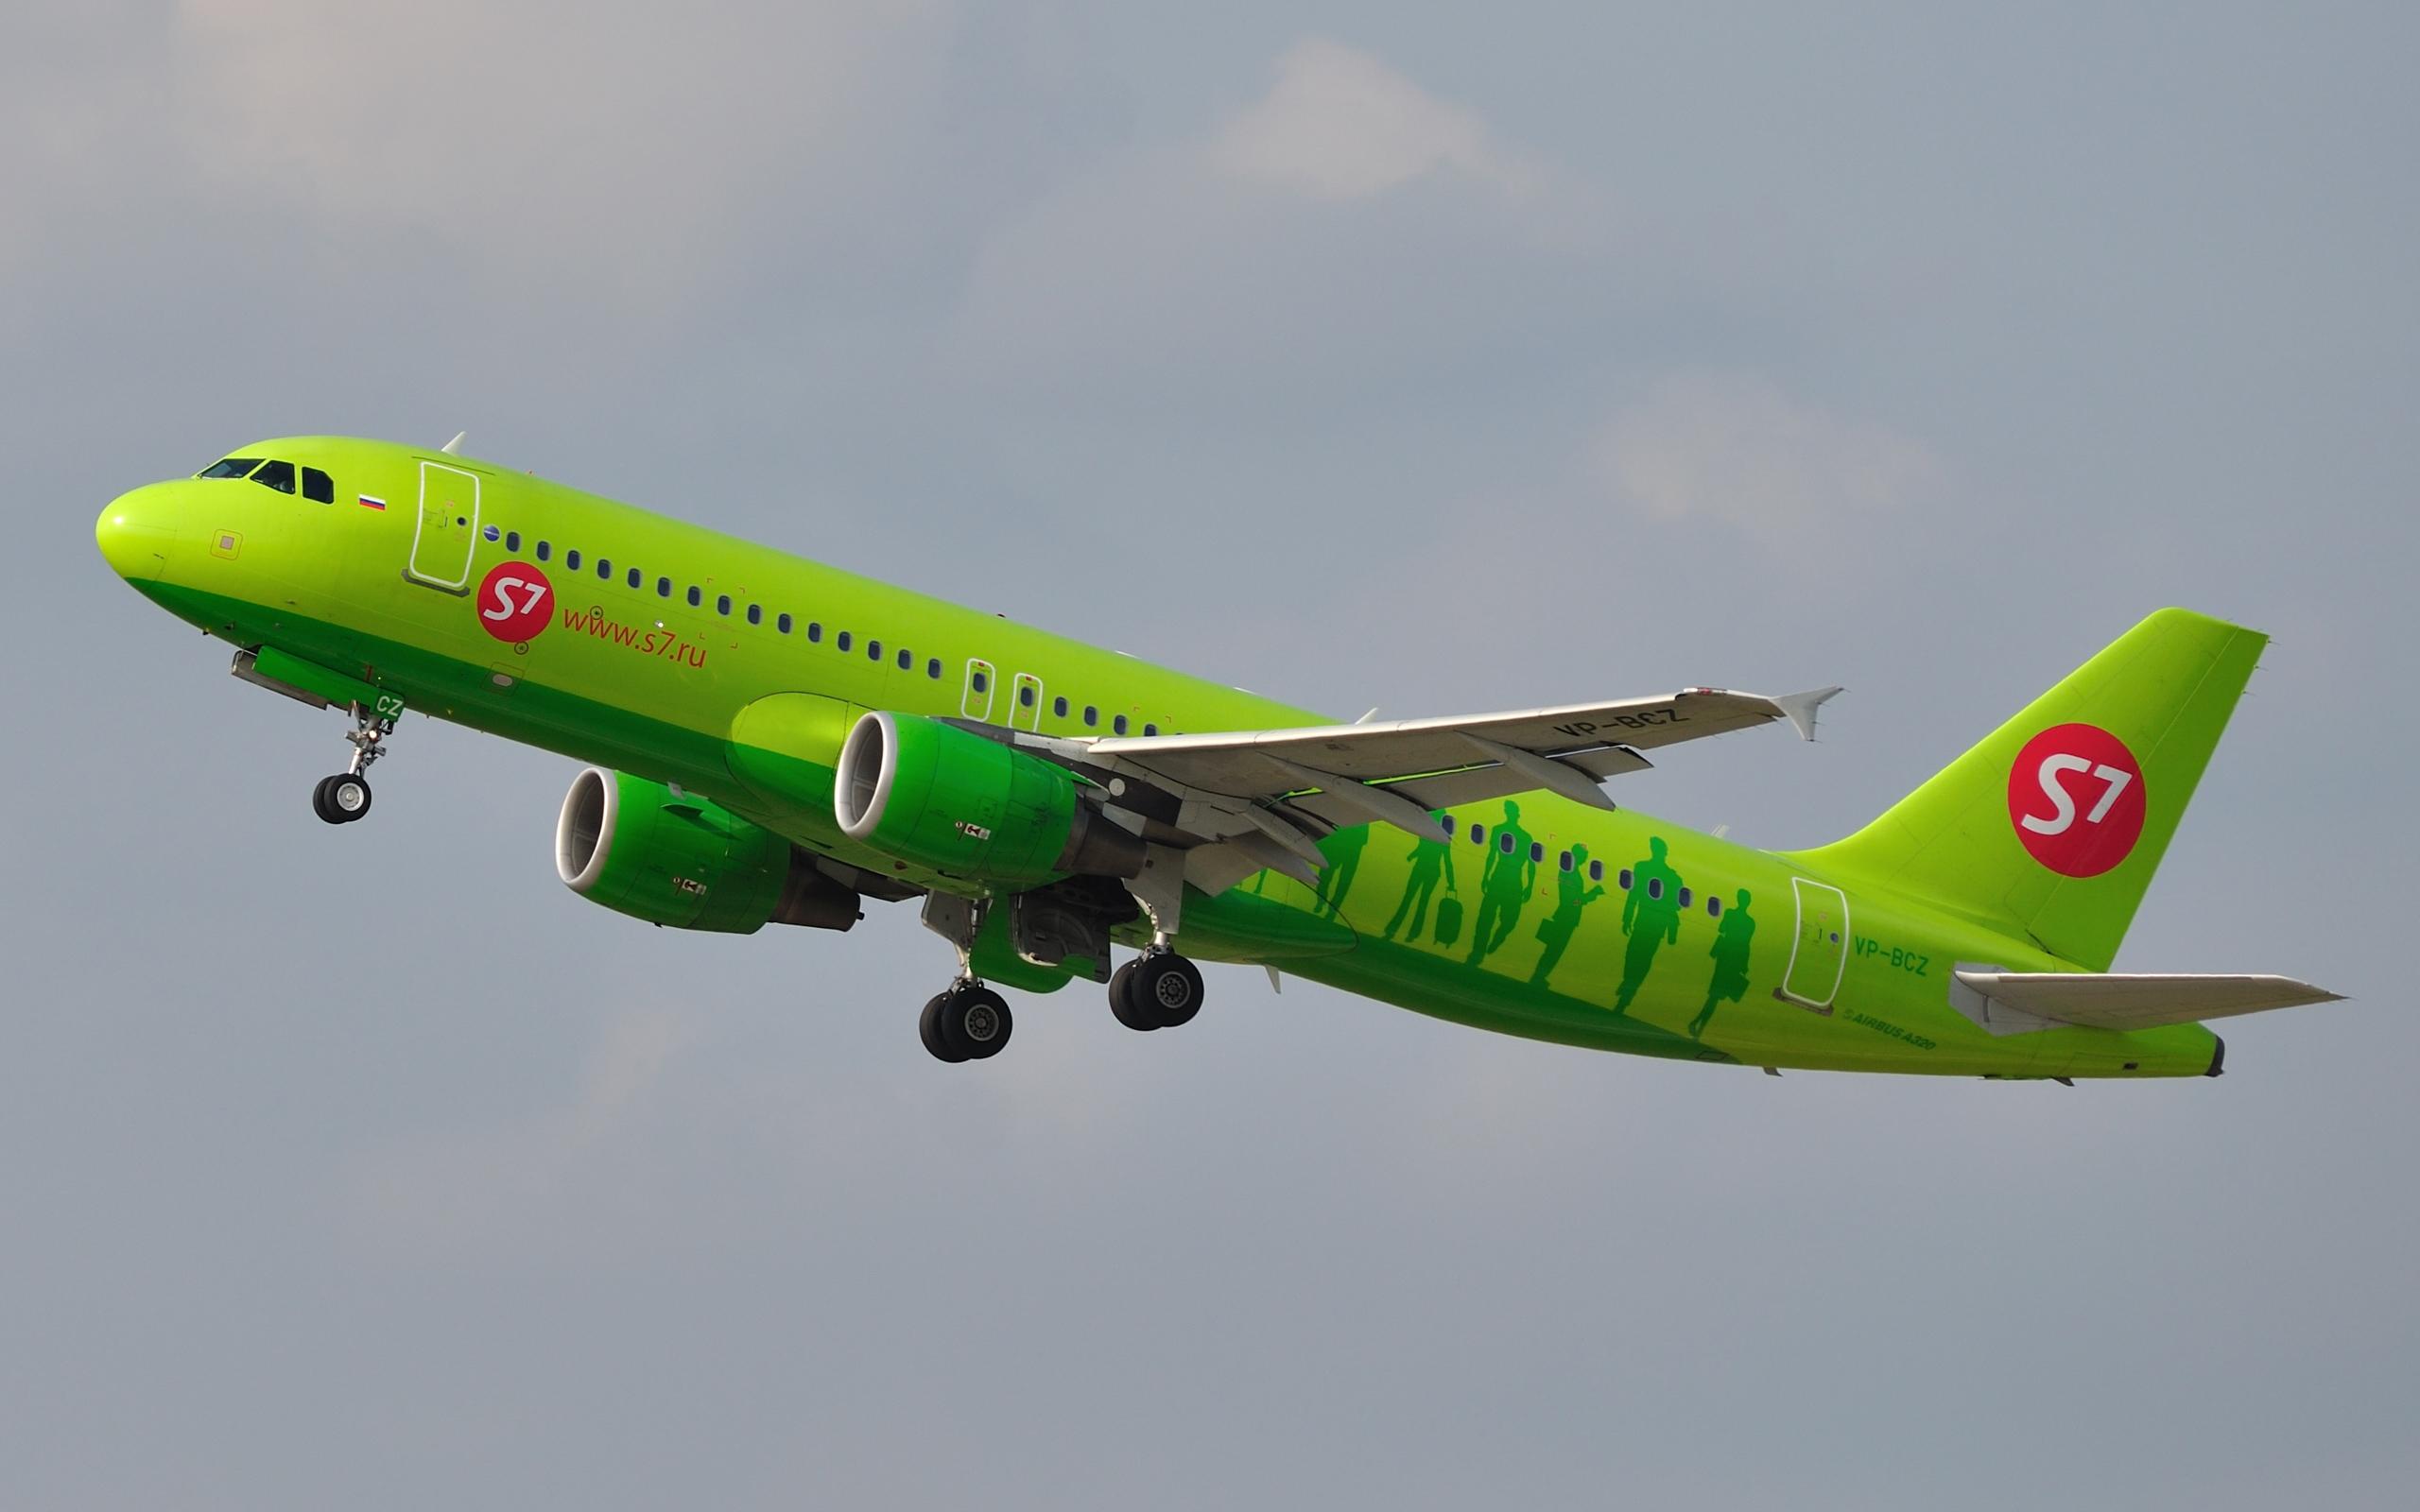 Граждане Румынии извинились за действия своих властей с российским самолетом